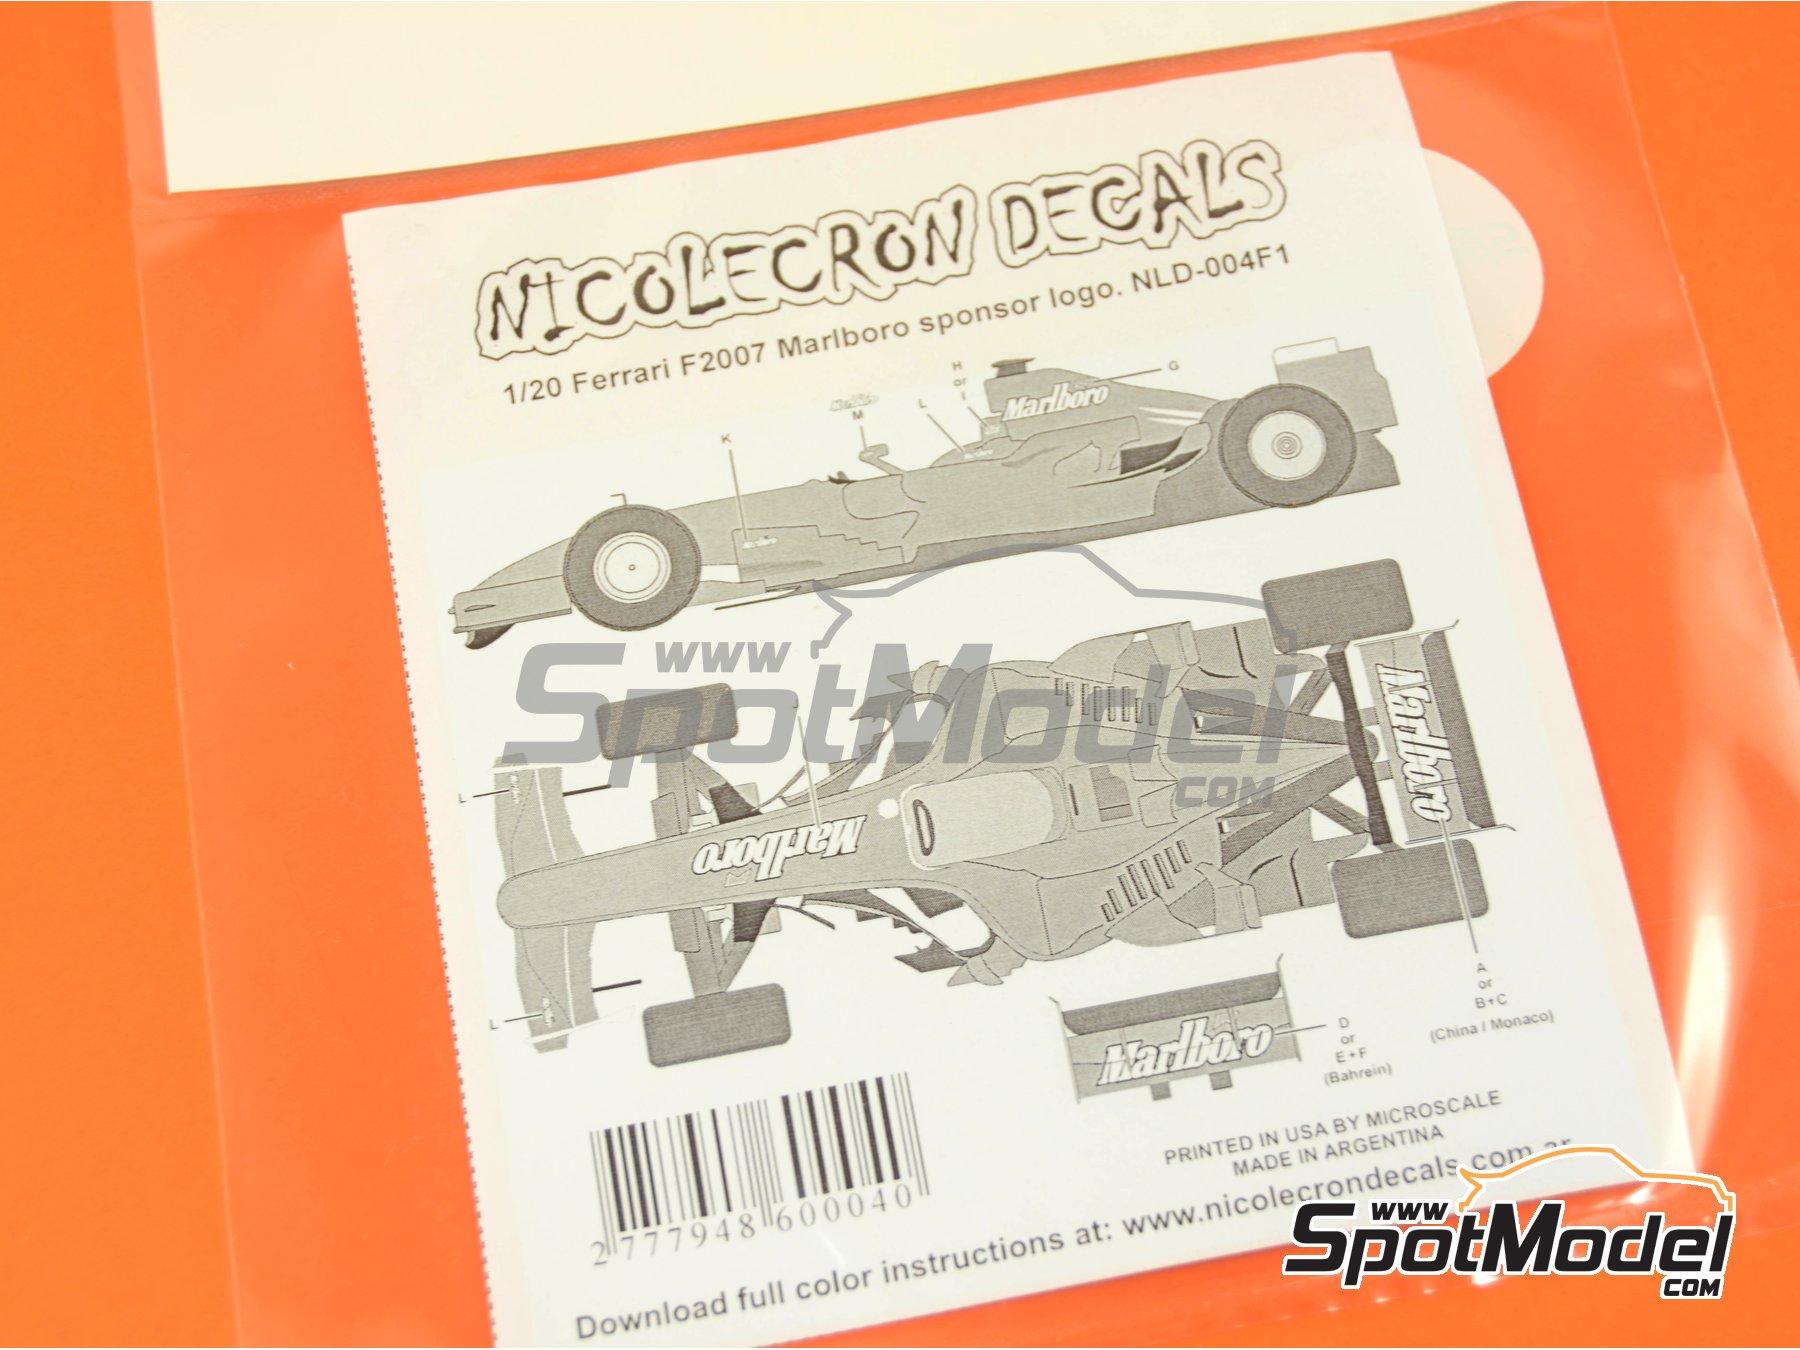 Image 6: Ferrari F2007 Marlboro - Gran Premio de Fórmula 1 de Bahrein, Gran Premio de Fórmula 1 de China, Gran Premio de Formula 1 de Mónaco | Decoración en escala1/20 fabricado por Nicolecron Decals (ref.NLD-004F1)